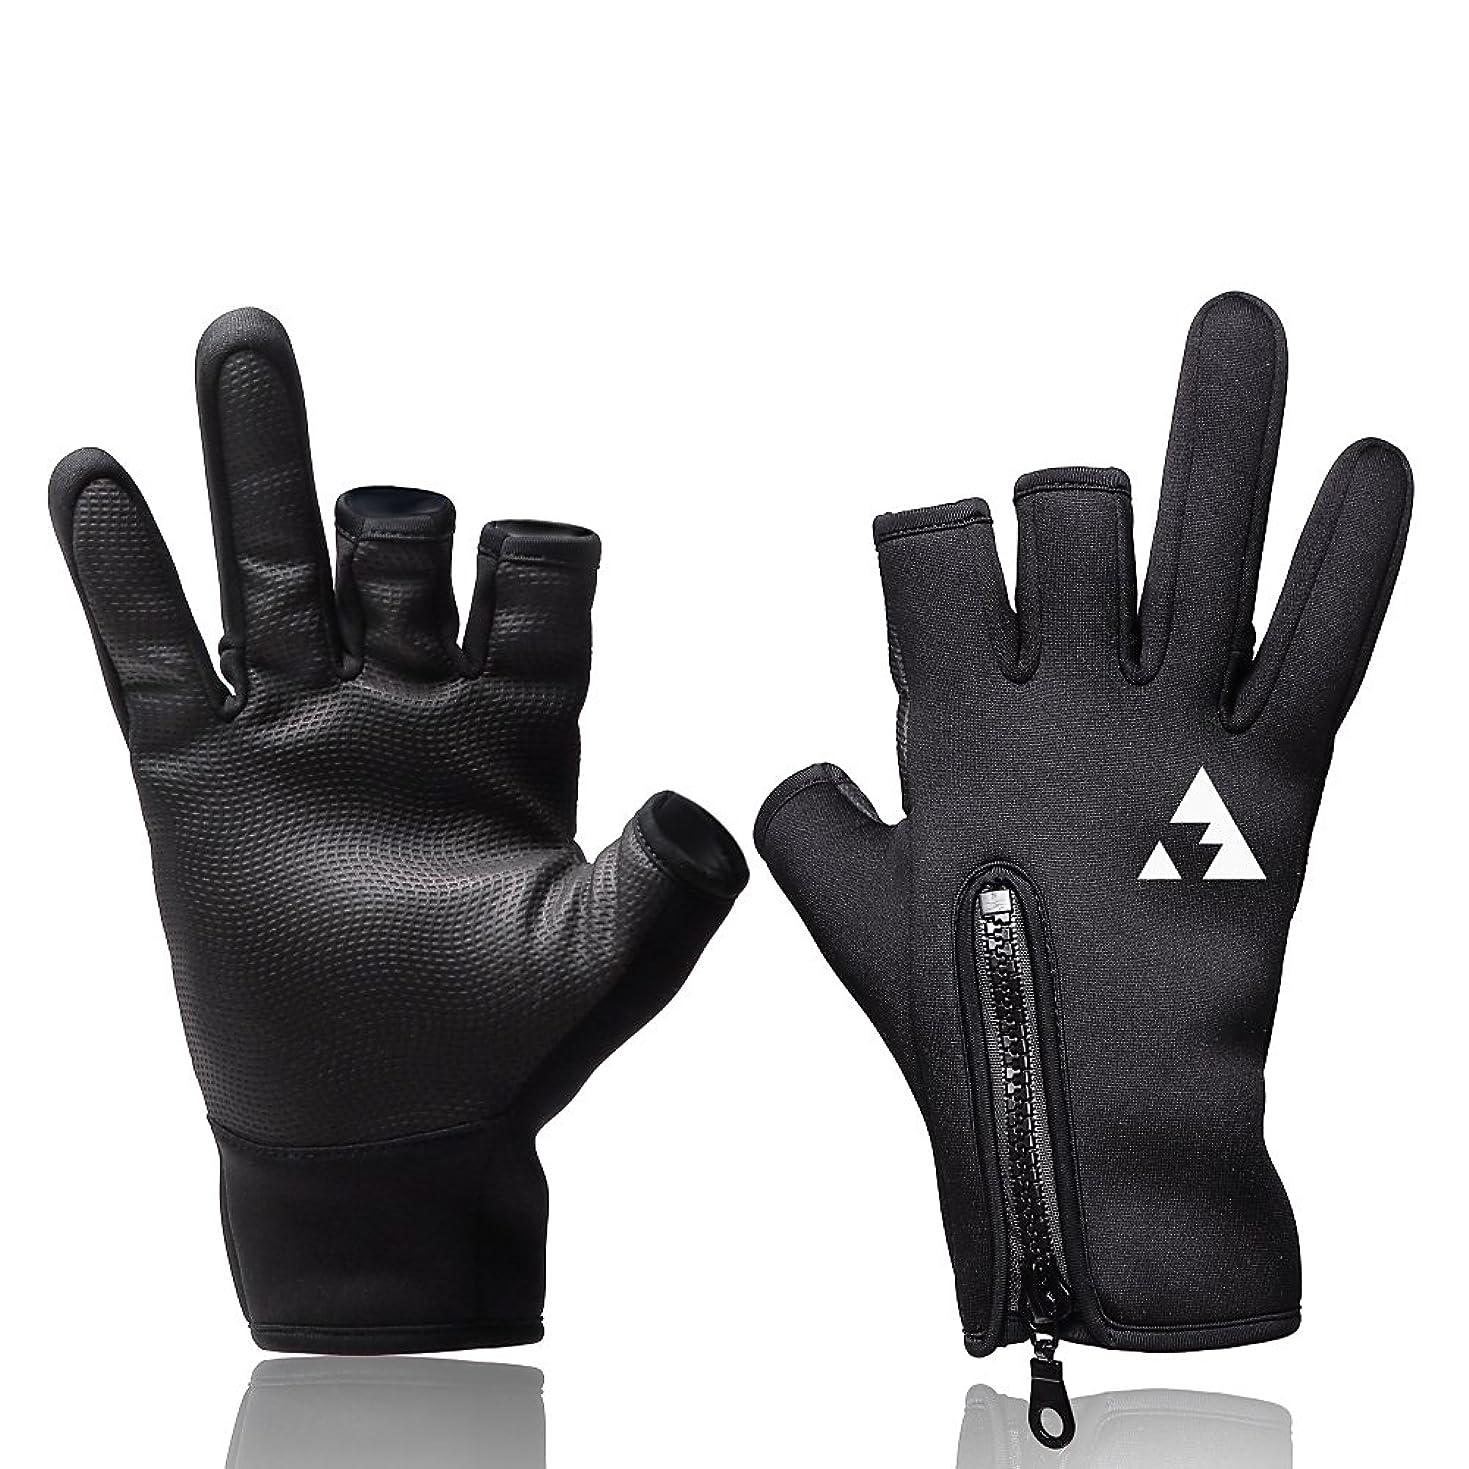 強大な首絶縁するL.A.Y スポーツ フィッシング グローブ 釣り 手袋(ジギング エギング シーバス フライ トローリング対応)【Angler Grip (アングラーグリップ)】